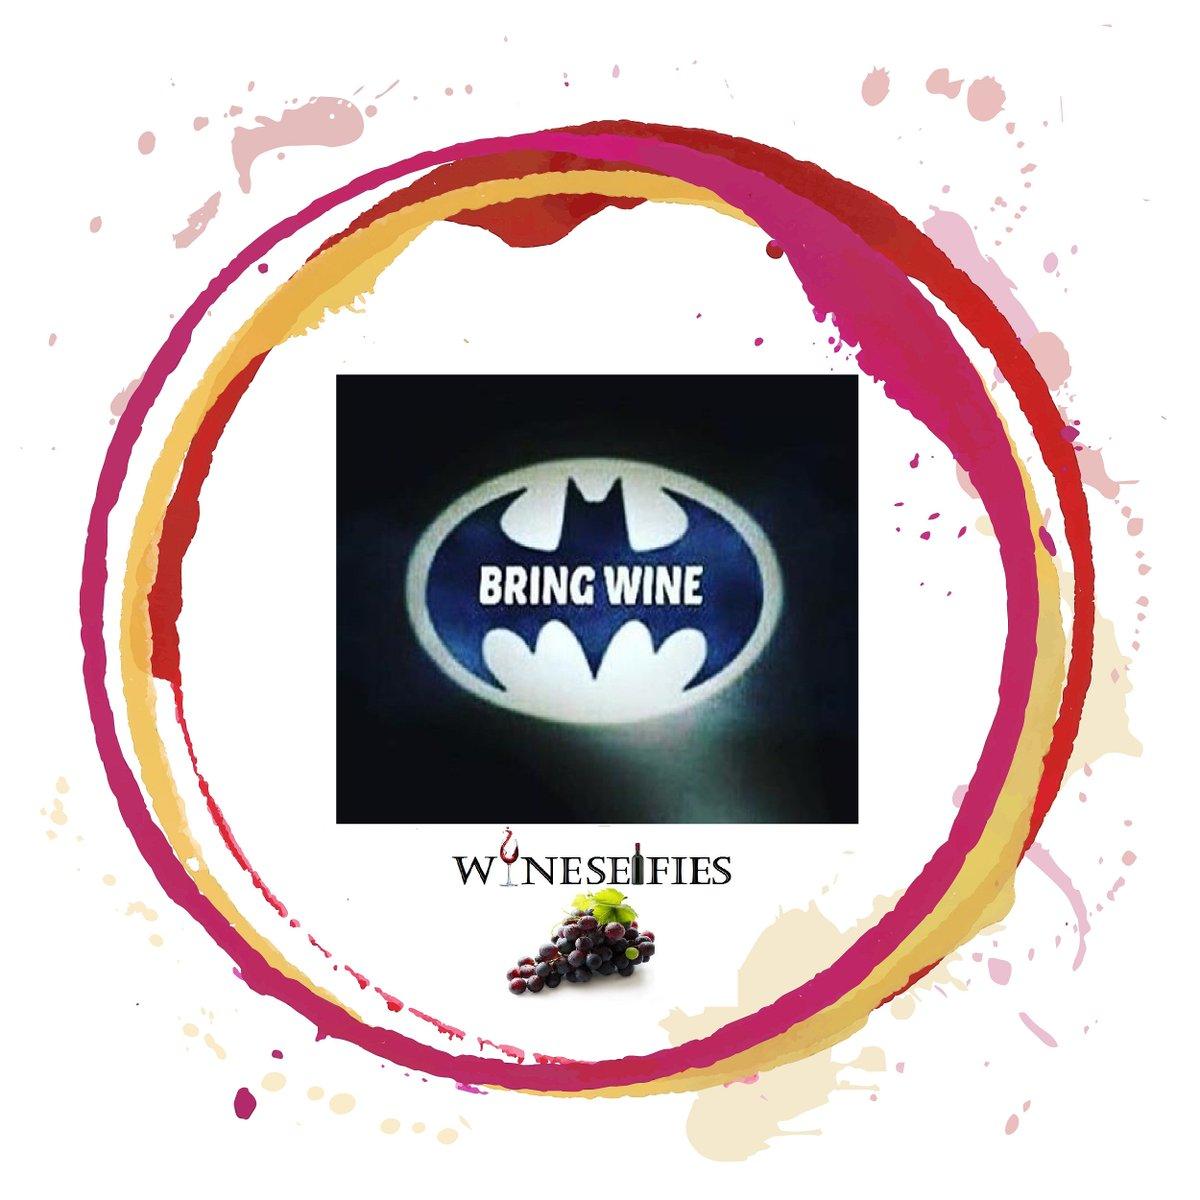 test Twitter Media - Bring #WINE!! #wineoclock #wineselfies #winelovers https://t.co/c1rFE2GPu0